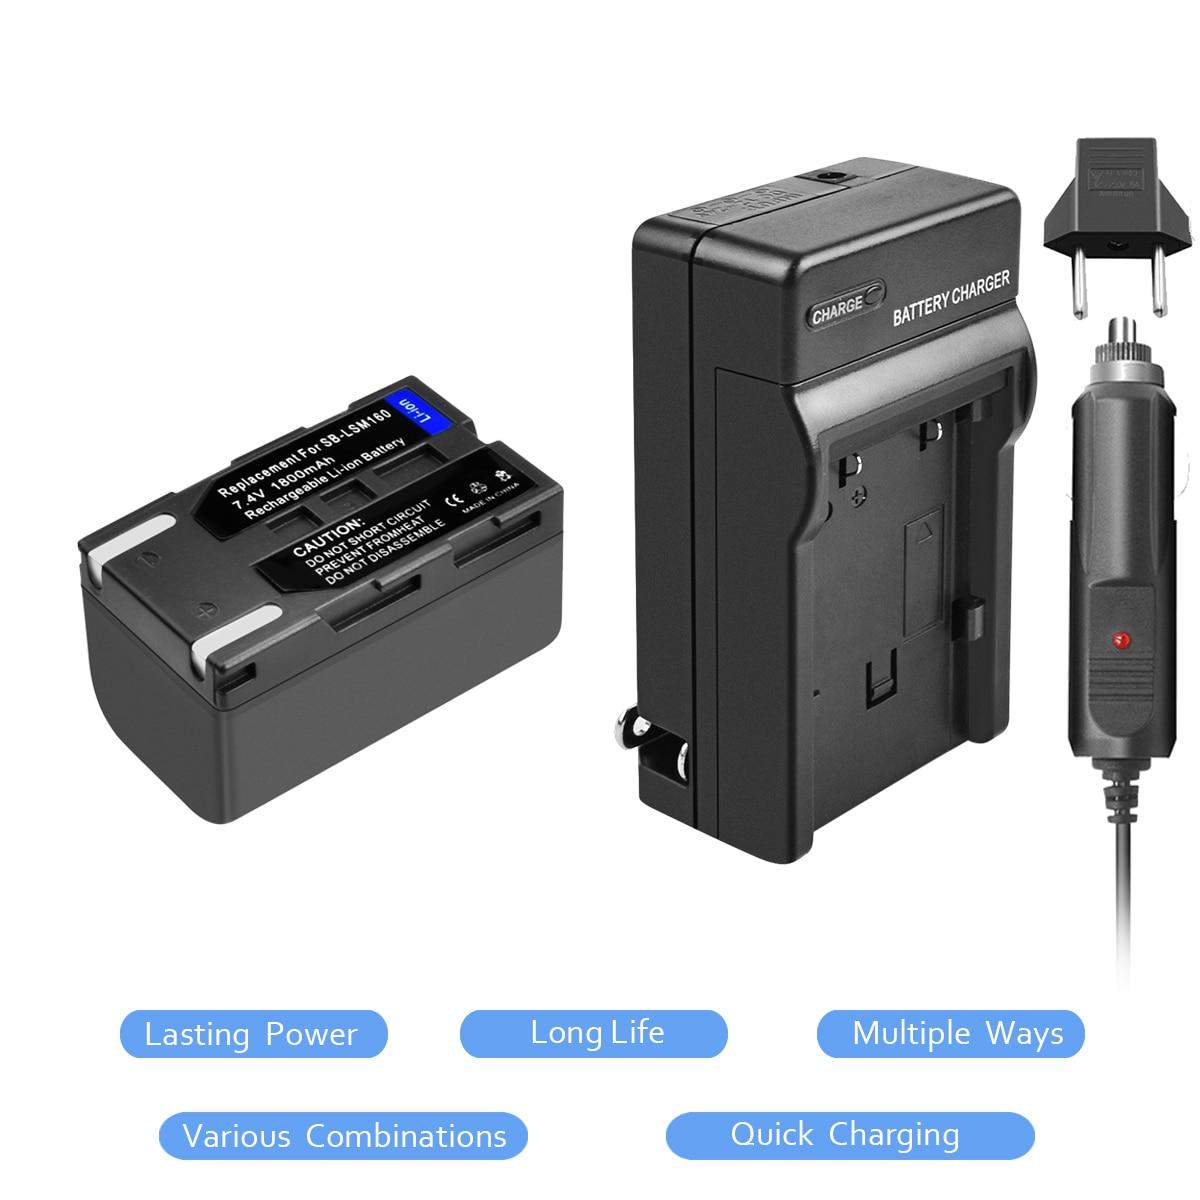 1 Packs SB-LSM160 Li-ion Batterie 7.4 v 1800 mah + Chargeur de Batterie pour Samsung SC-D351 VP-D351 VP-D351 VP-D352 L15